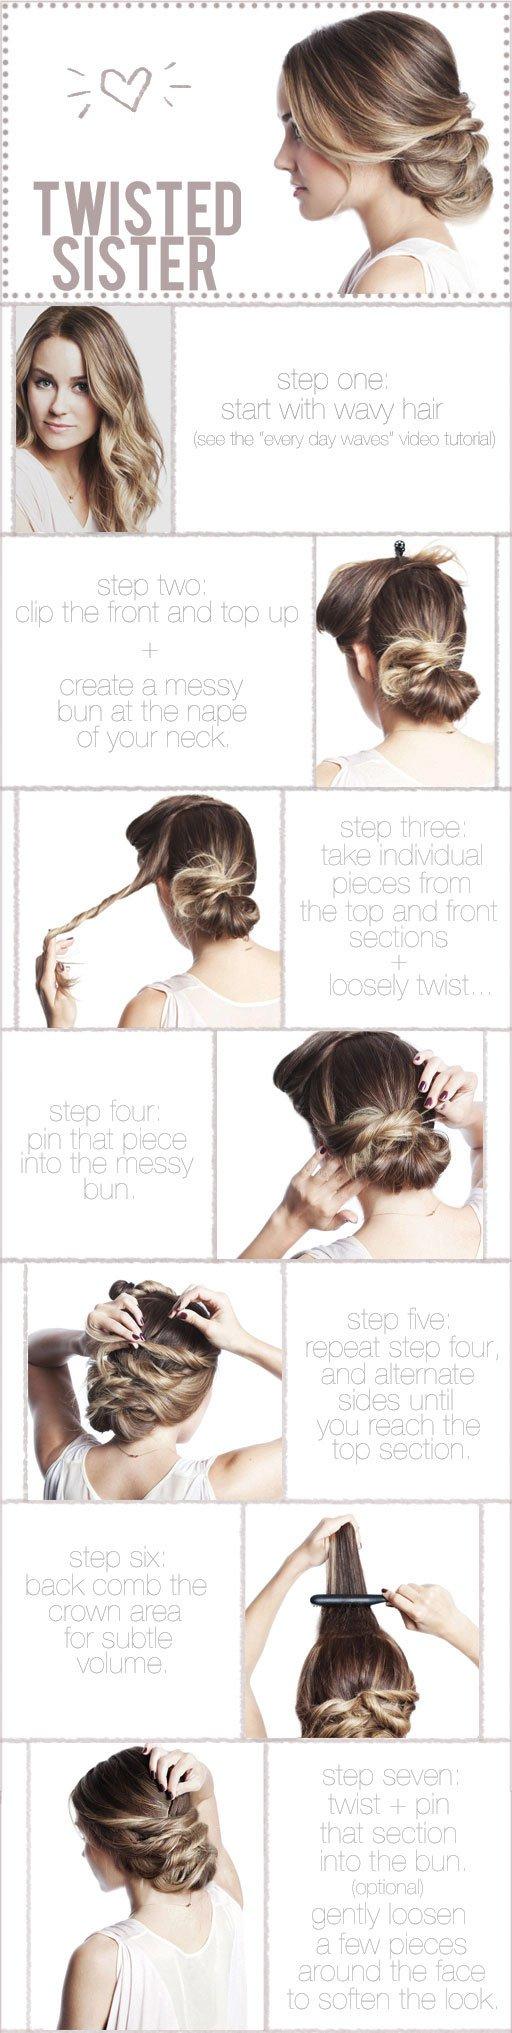 hair ideas for medium length hair